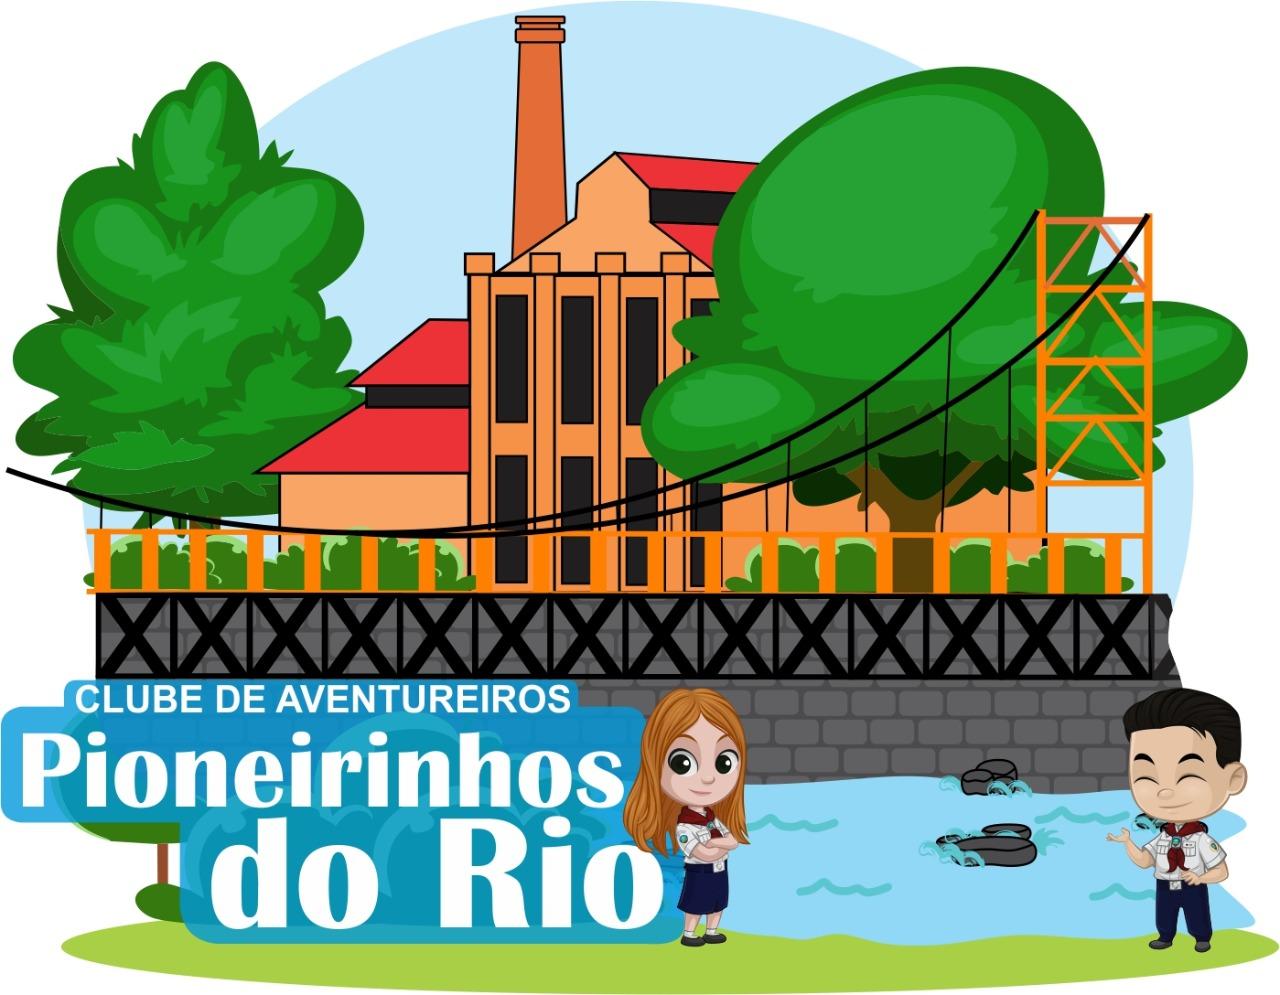 PIONEIRINHOS DO RIO